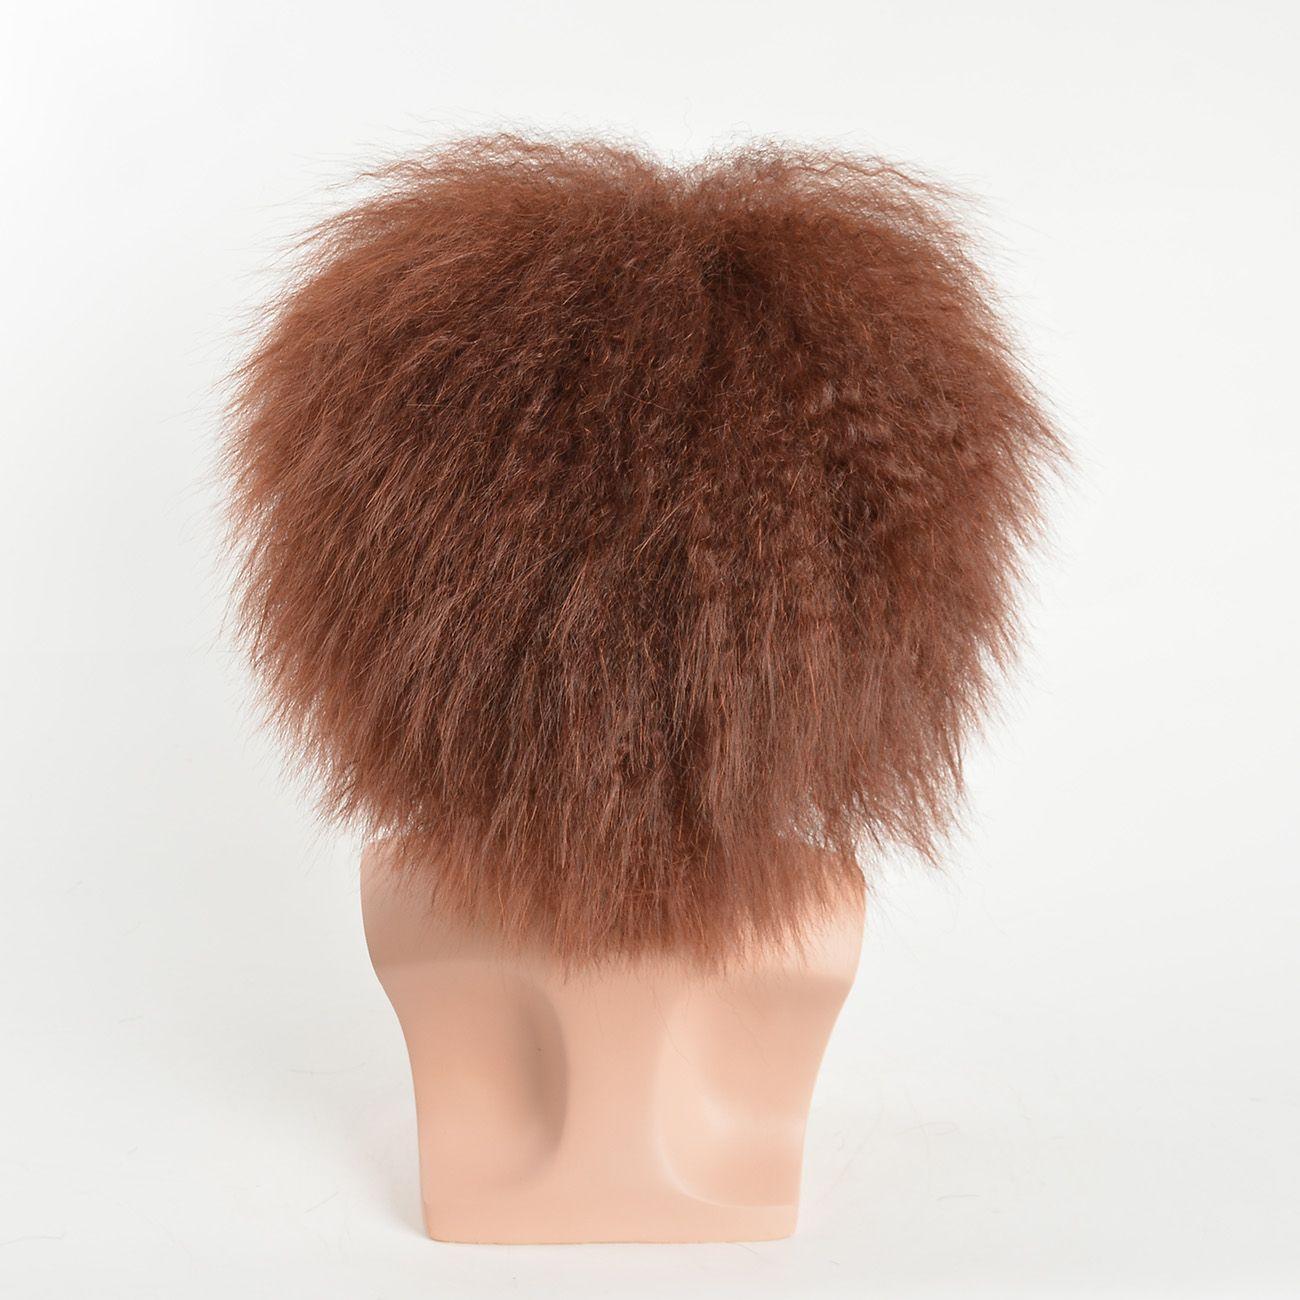 Perruques synthétiques courtes droites synthétiques pour hommes, naturel, noir, brun, couleur résistant à la chaleur, aucune dentelle, coiffure, avec frange pour homme